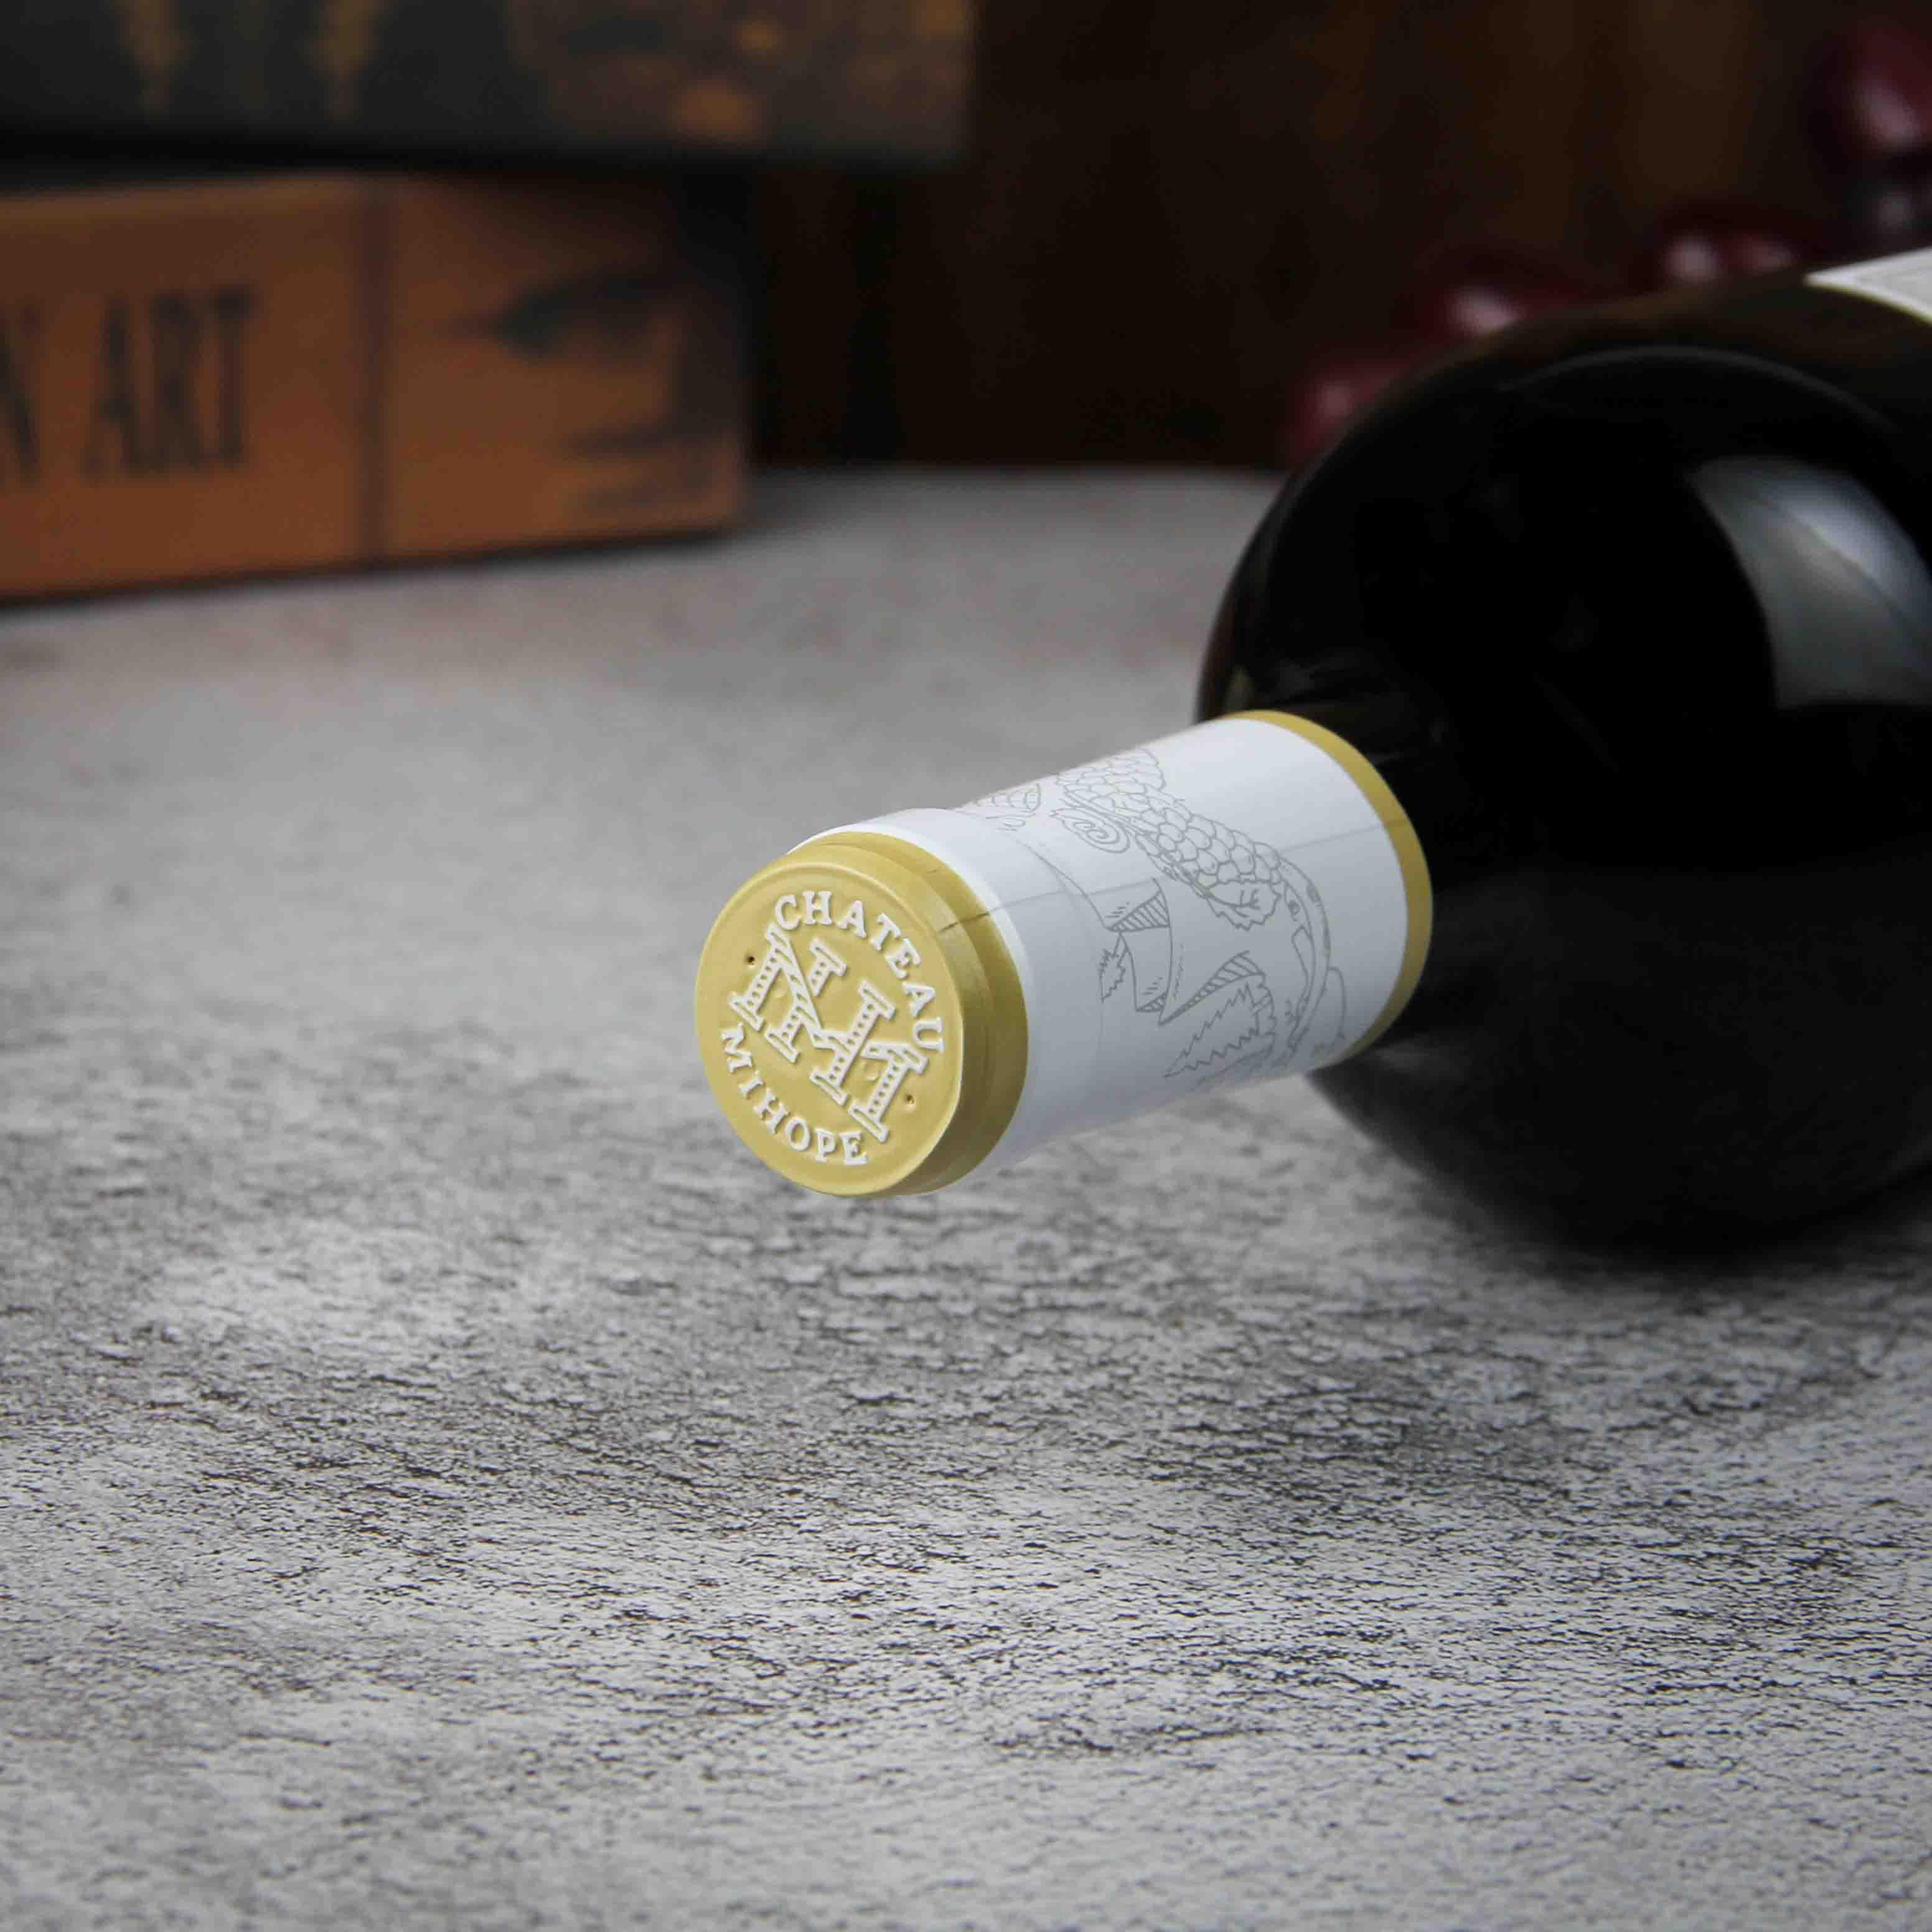 中国宁夏区美贺庄园尊享西拉干红葡萄酒